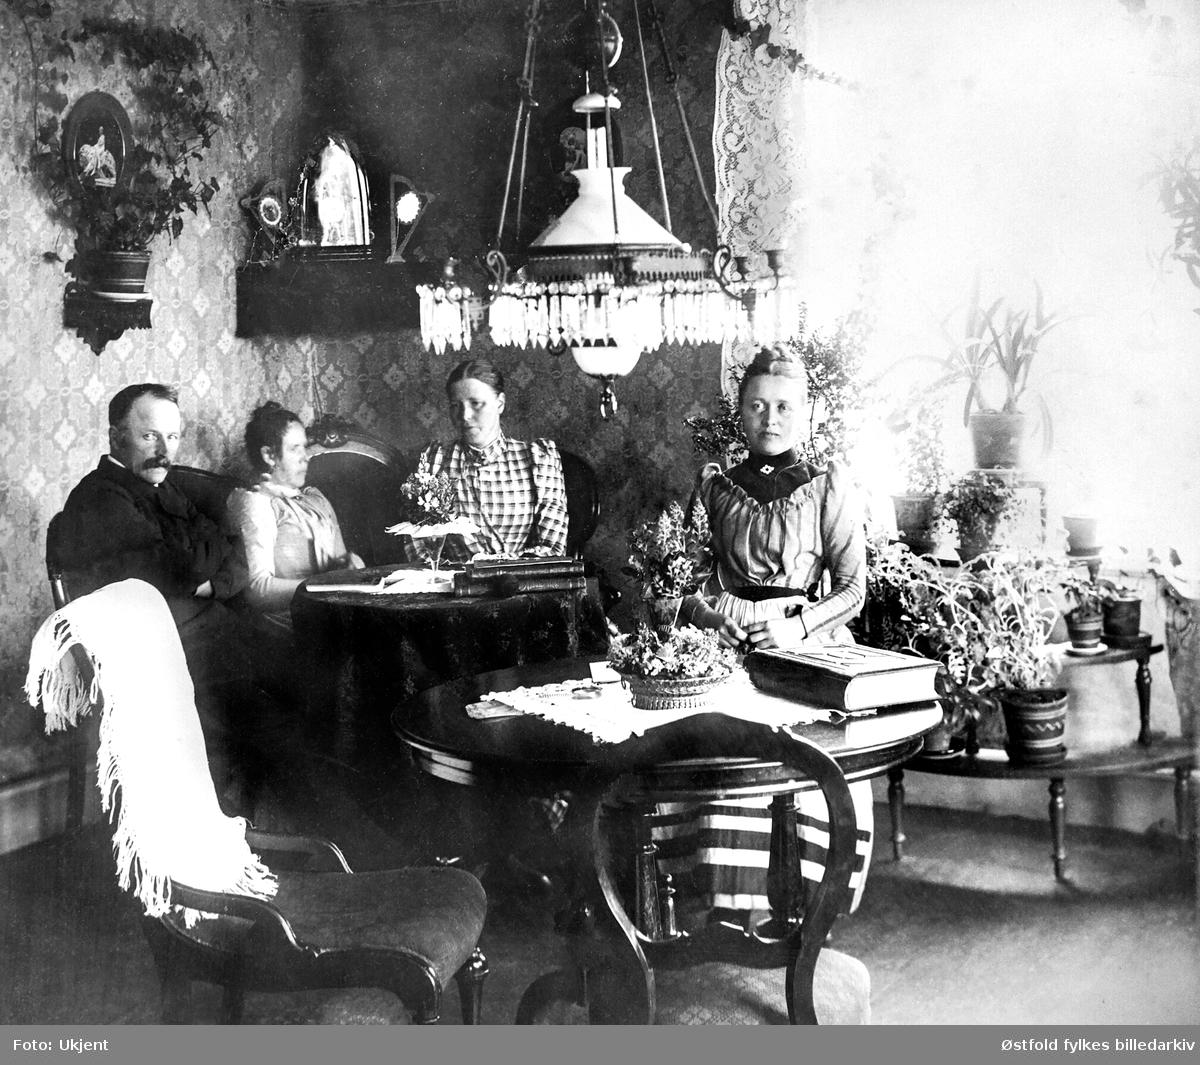 Stueinteriør fra hjem på Larkollen i Rygge 1892. Hjemmet til Carl E. Iversøn. Fra venstre:  Carl Emerntius Johannesen Iversøn (1838-1930) (dampskipsfører), kona Hedvig Jacoba Iversøn (1852-1935), Dikka Abel, Karen Bredal.  Ifølge folketelling 1910 for Rygge var Carl og Hedvig bosatt på Fagerheim, Larkollen i Rygge.